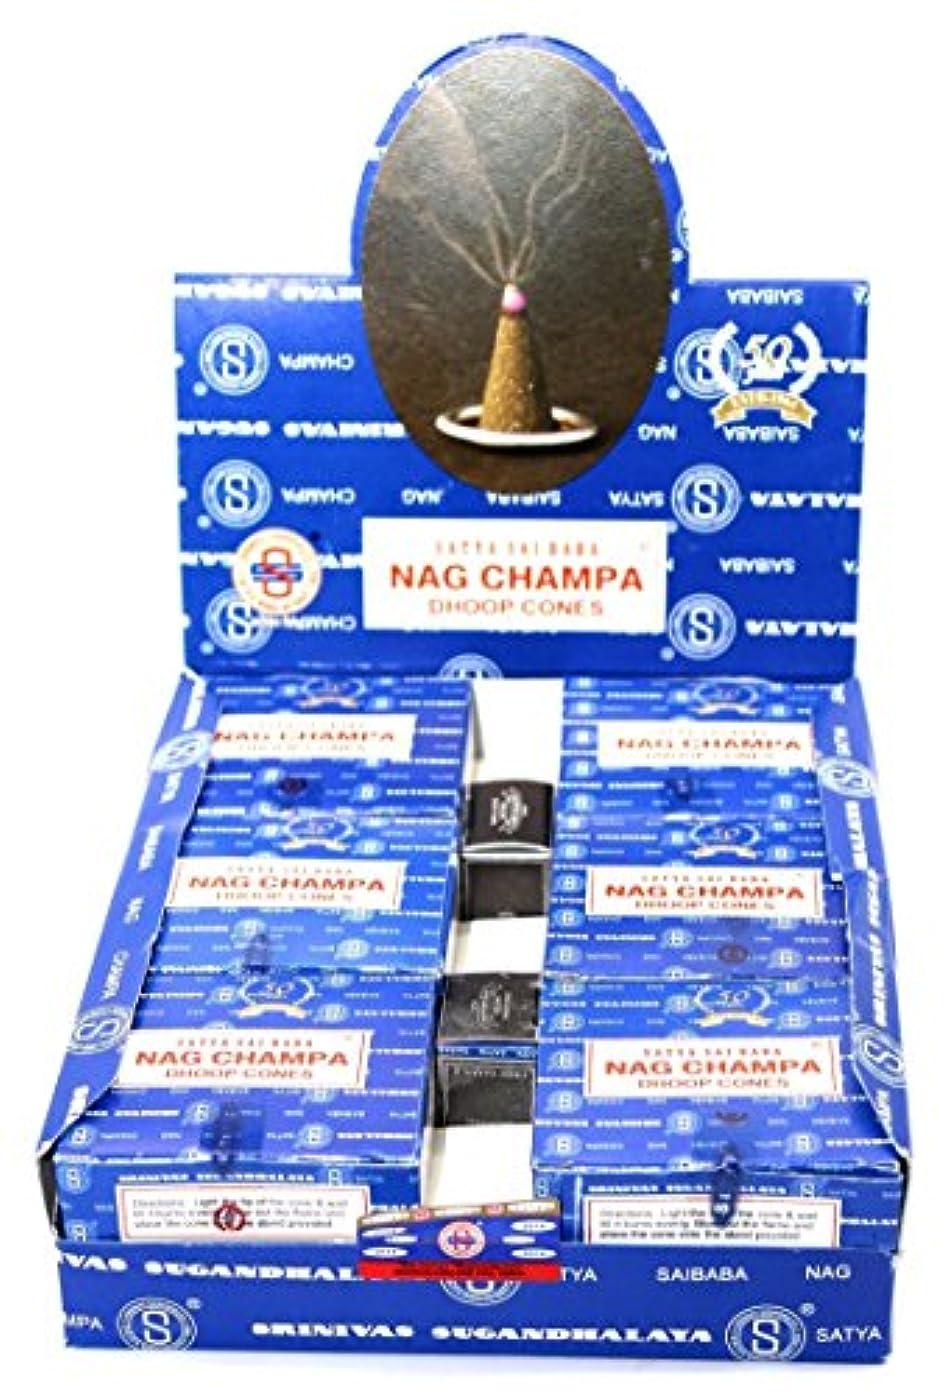 特許分数伝えるNag Champa Satya Sai Baba Temple Incense Cones Carton, 12 Box by Nag Champa [並行輸入品]